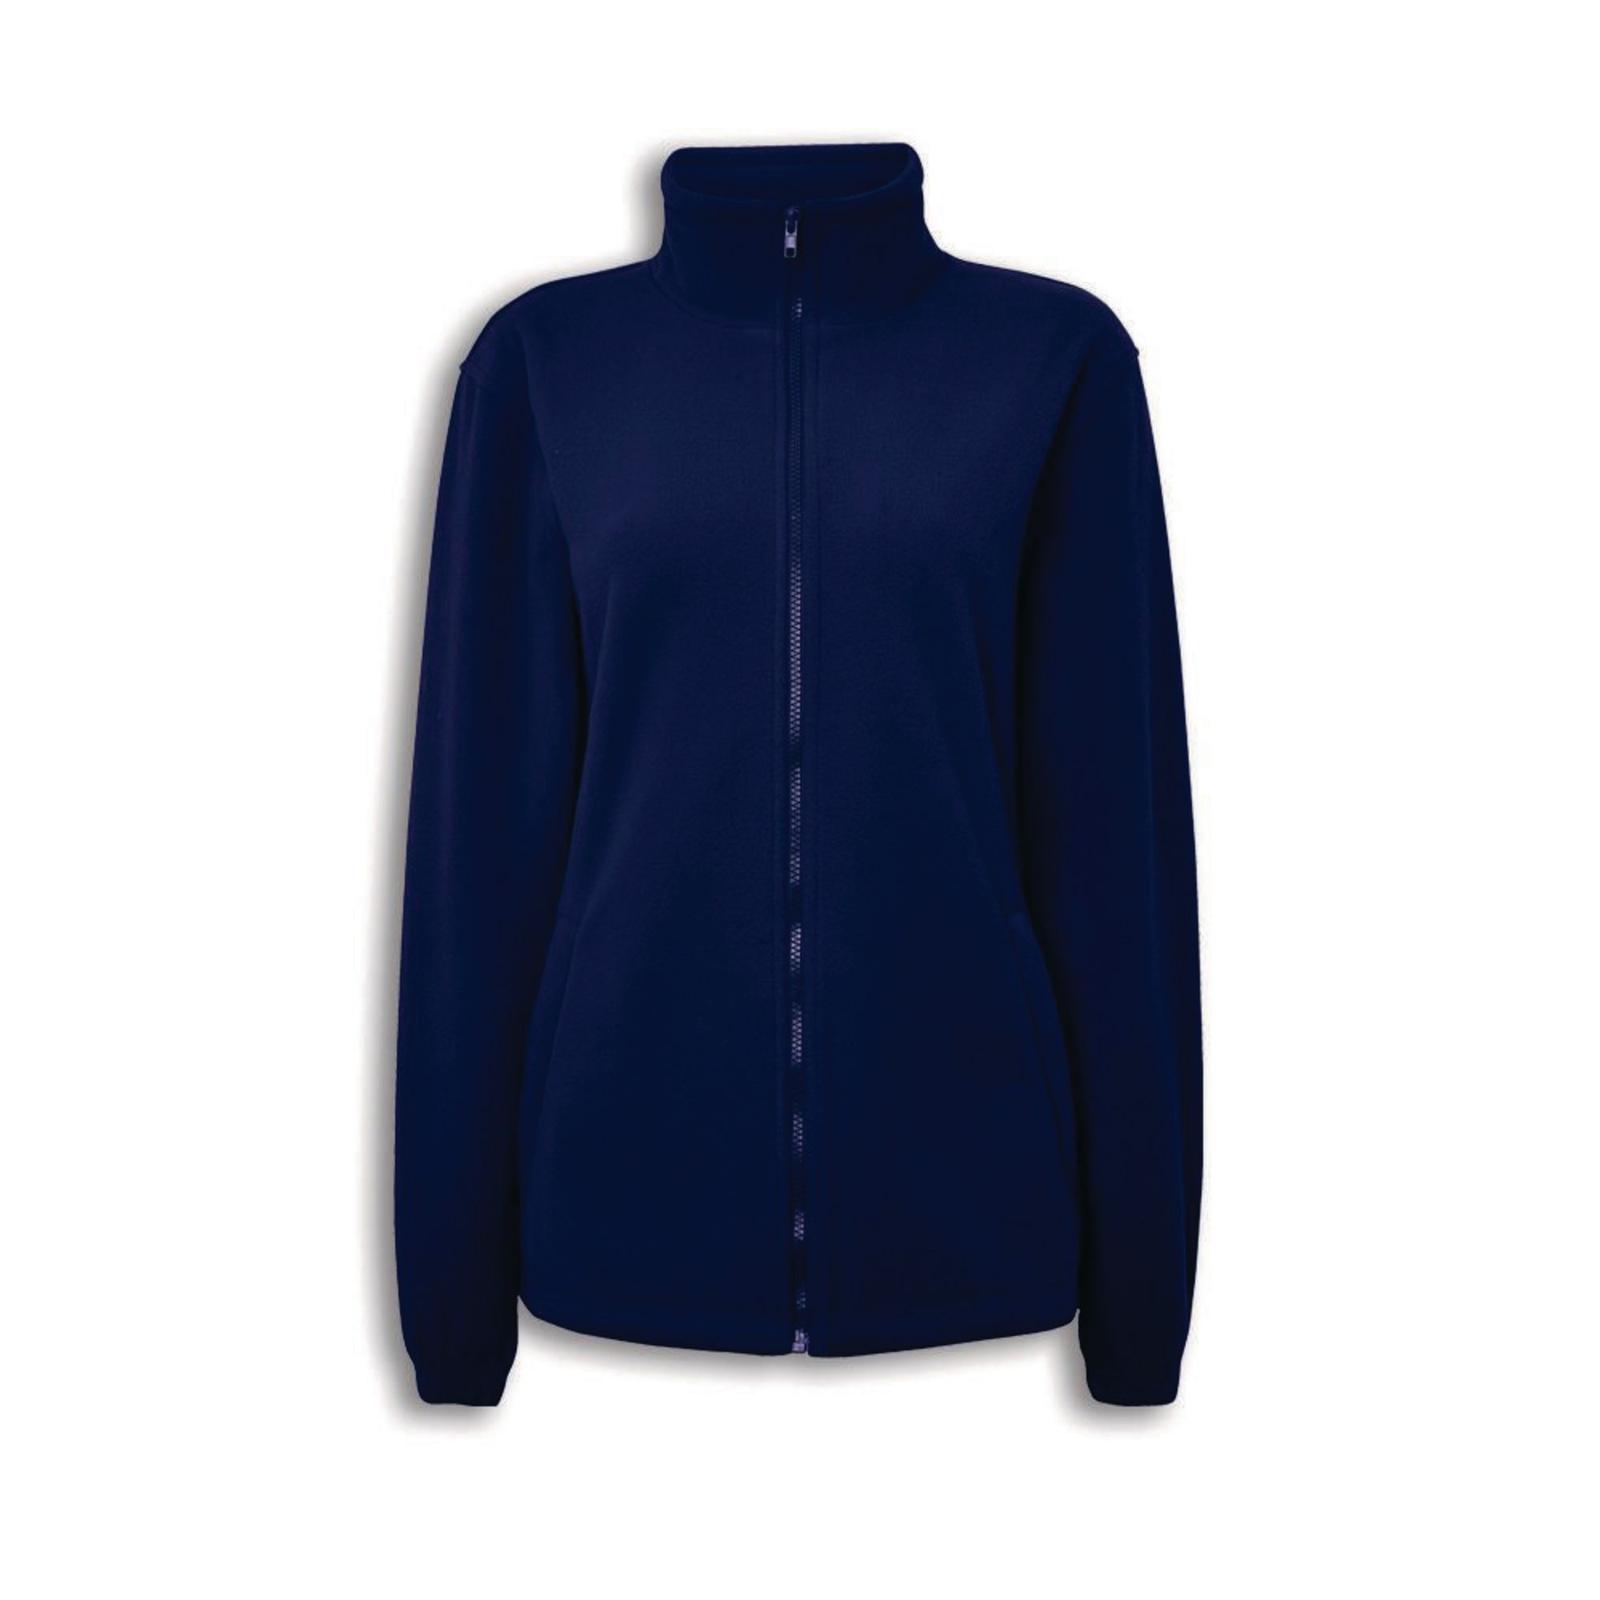 Womens Fleece Jacket - Navy - Medium EA 2cc1e9d868